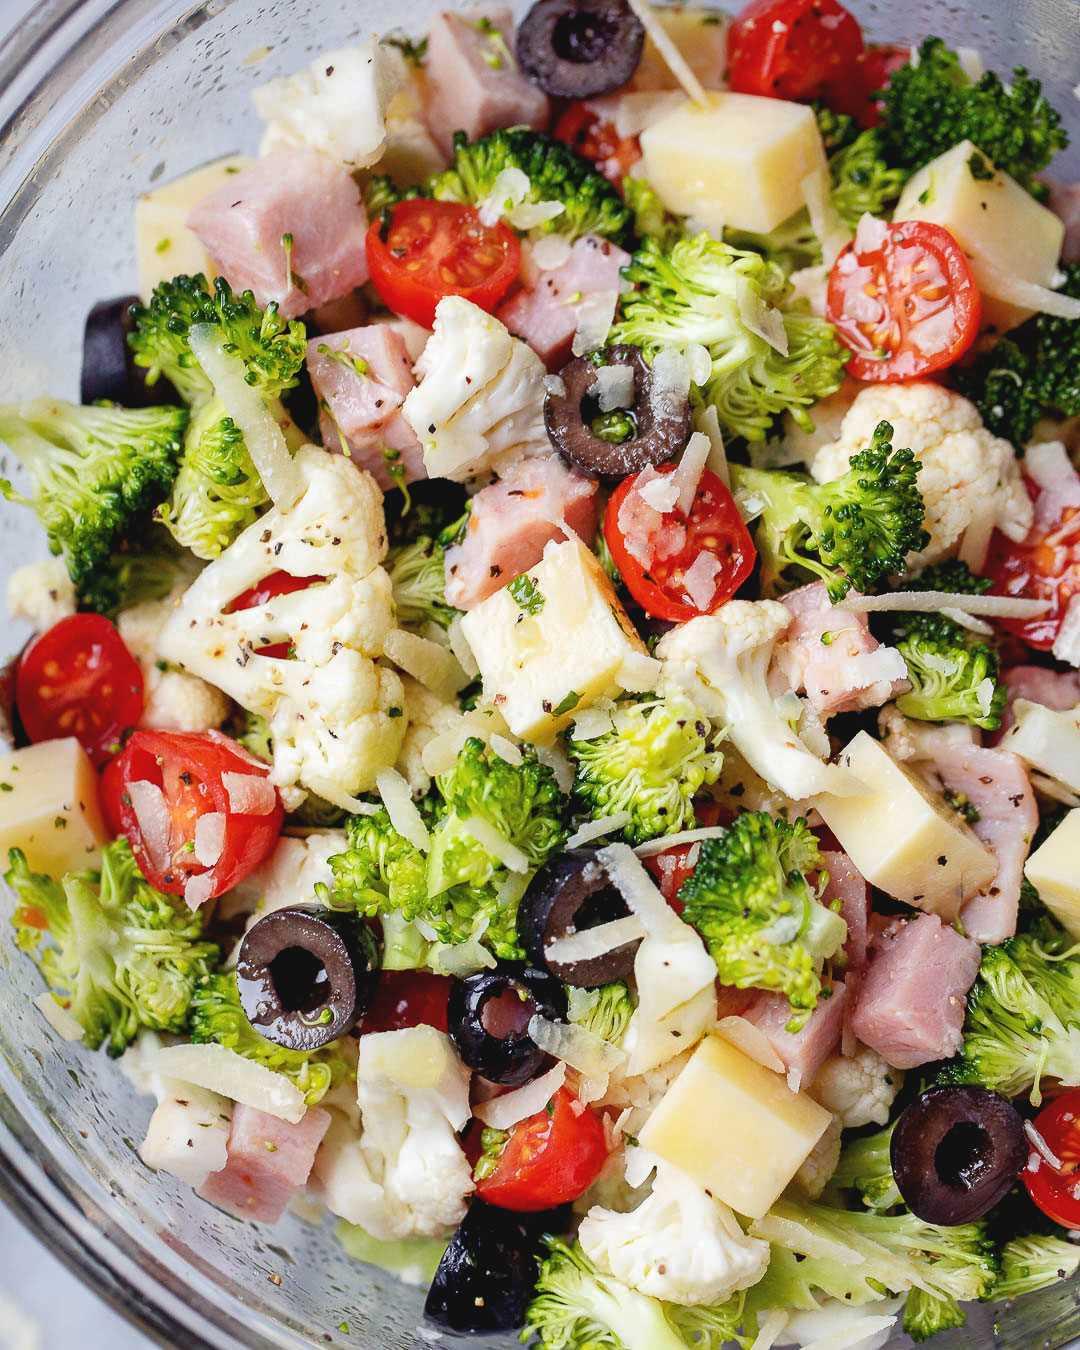 Ensalada de coliflor y brócoli receta 3